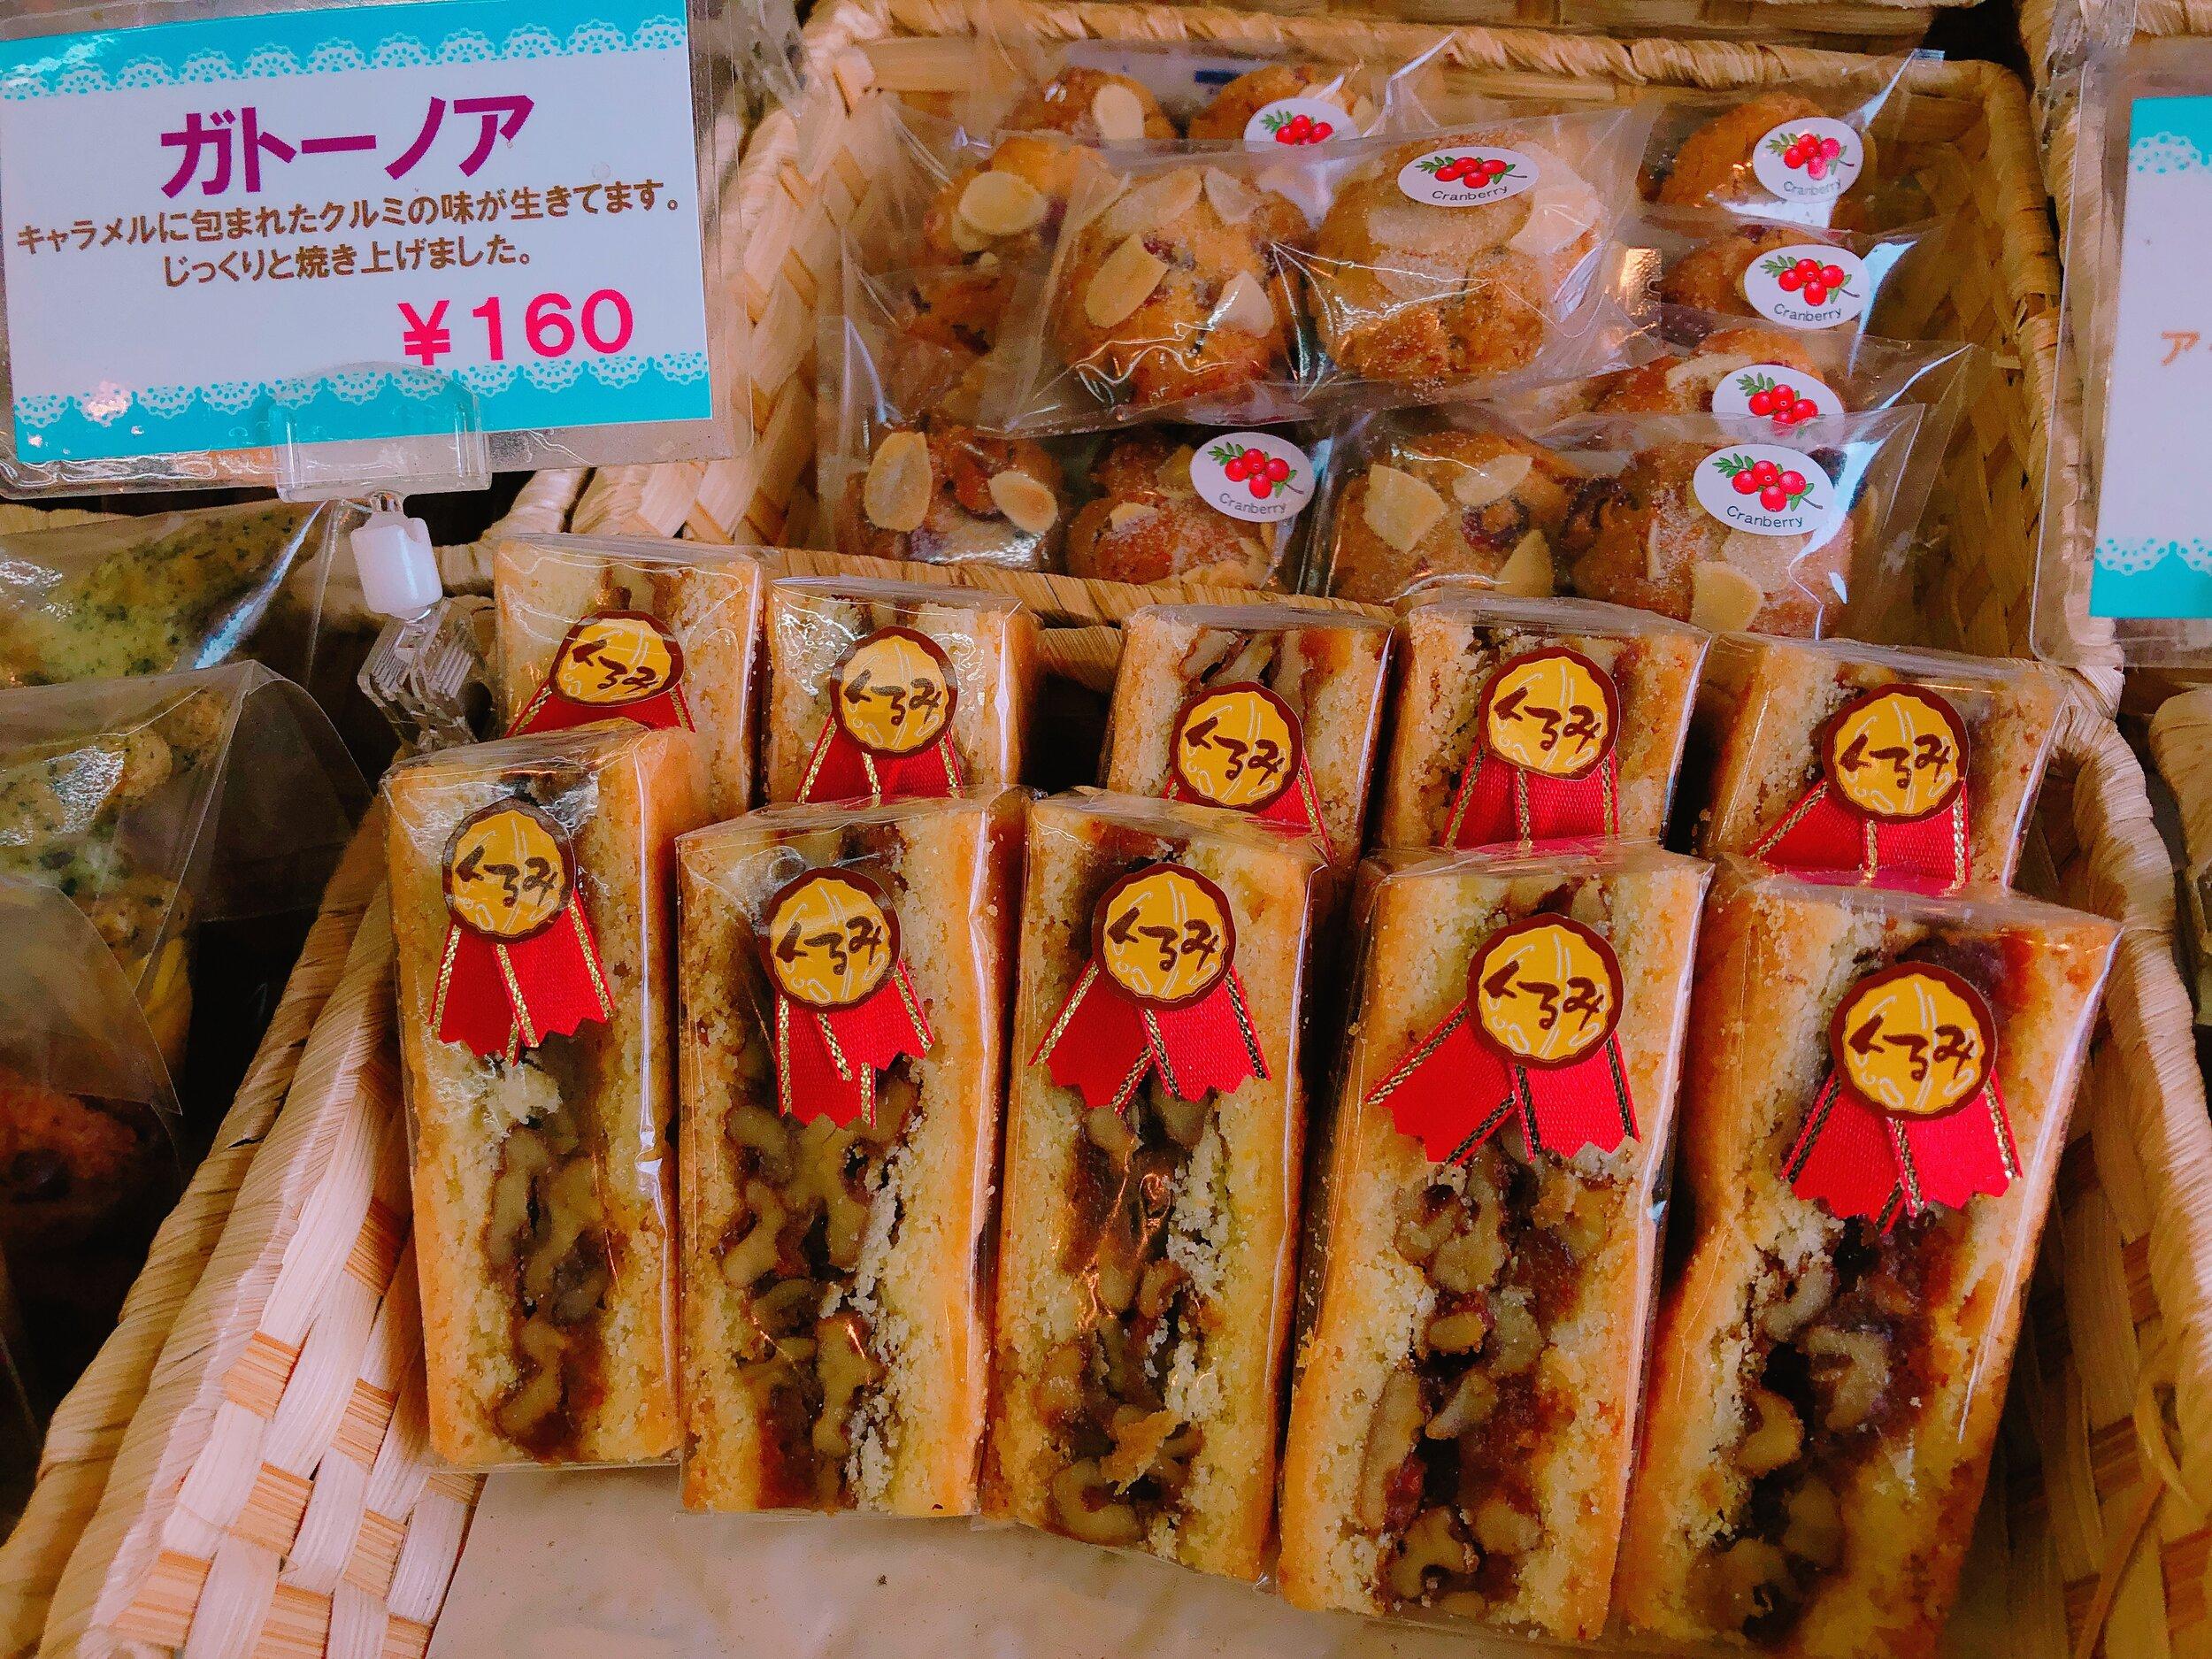 ガトーノア(160円)